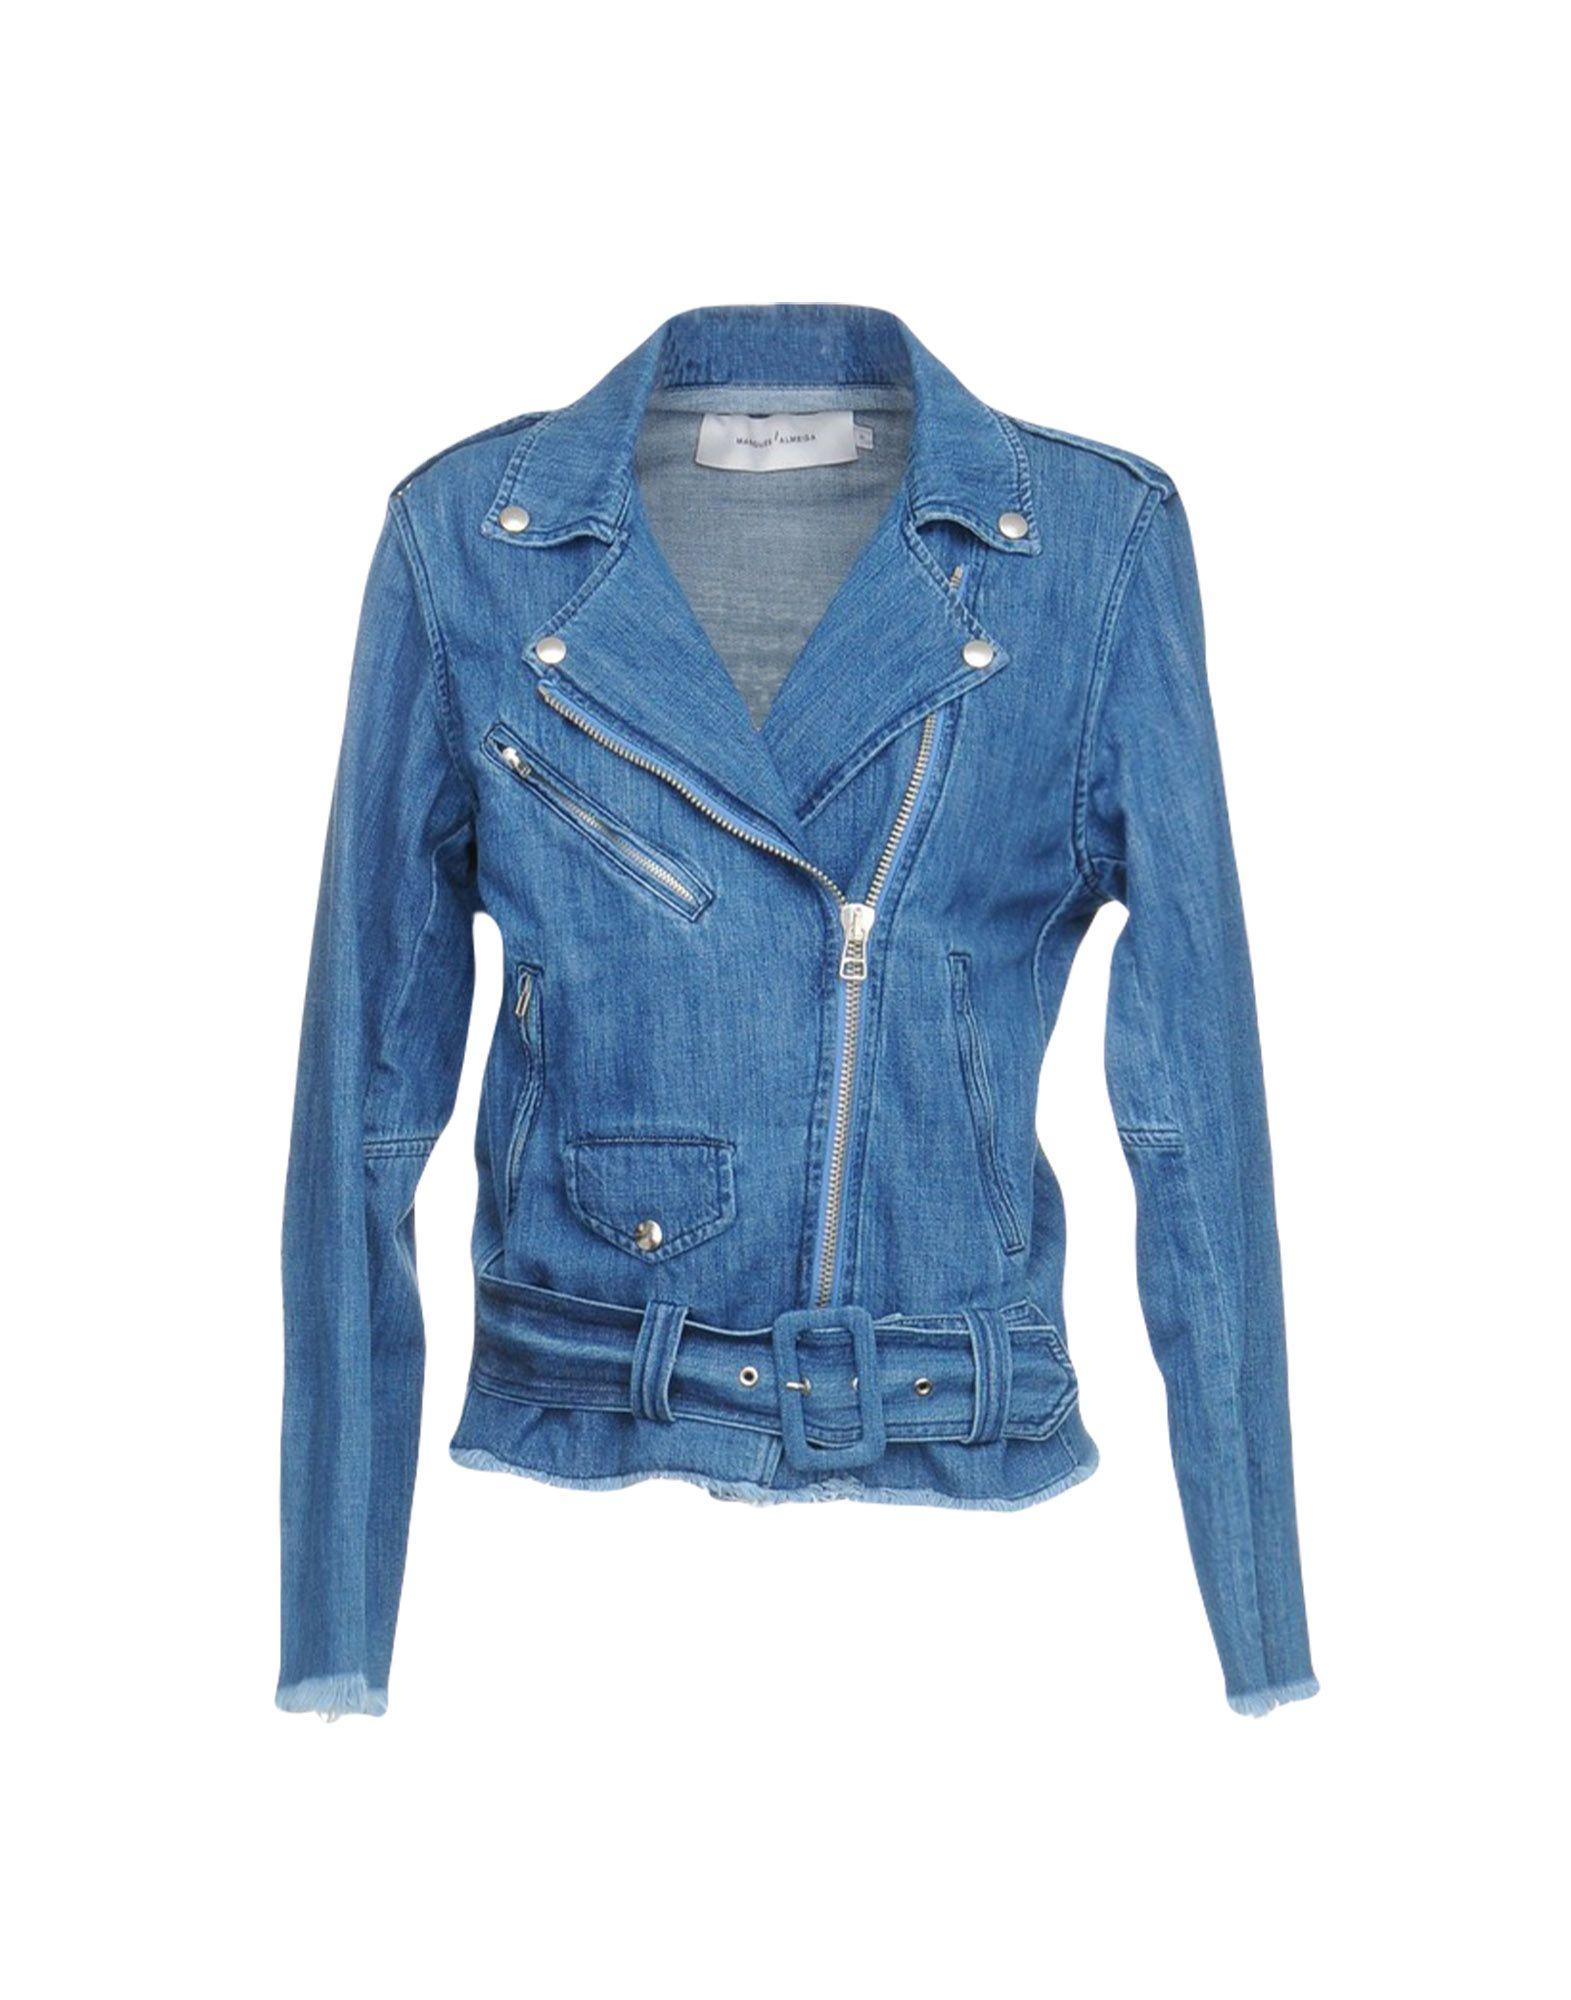 Фото - MARQUES' ALMEIDA Джинсовая верхняя одежда marques almeida джинсовая юбка